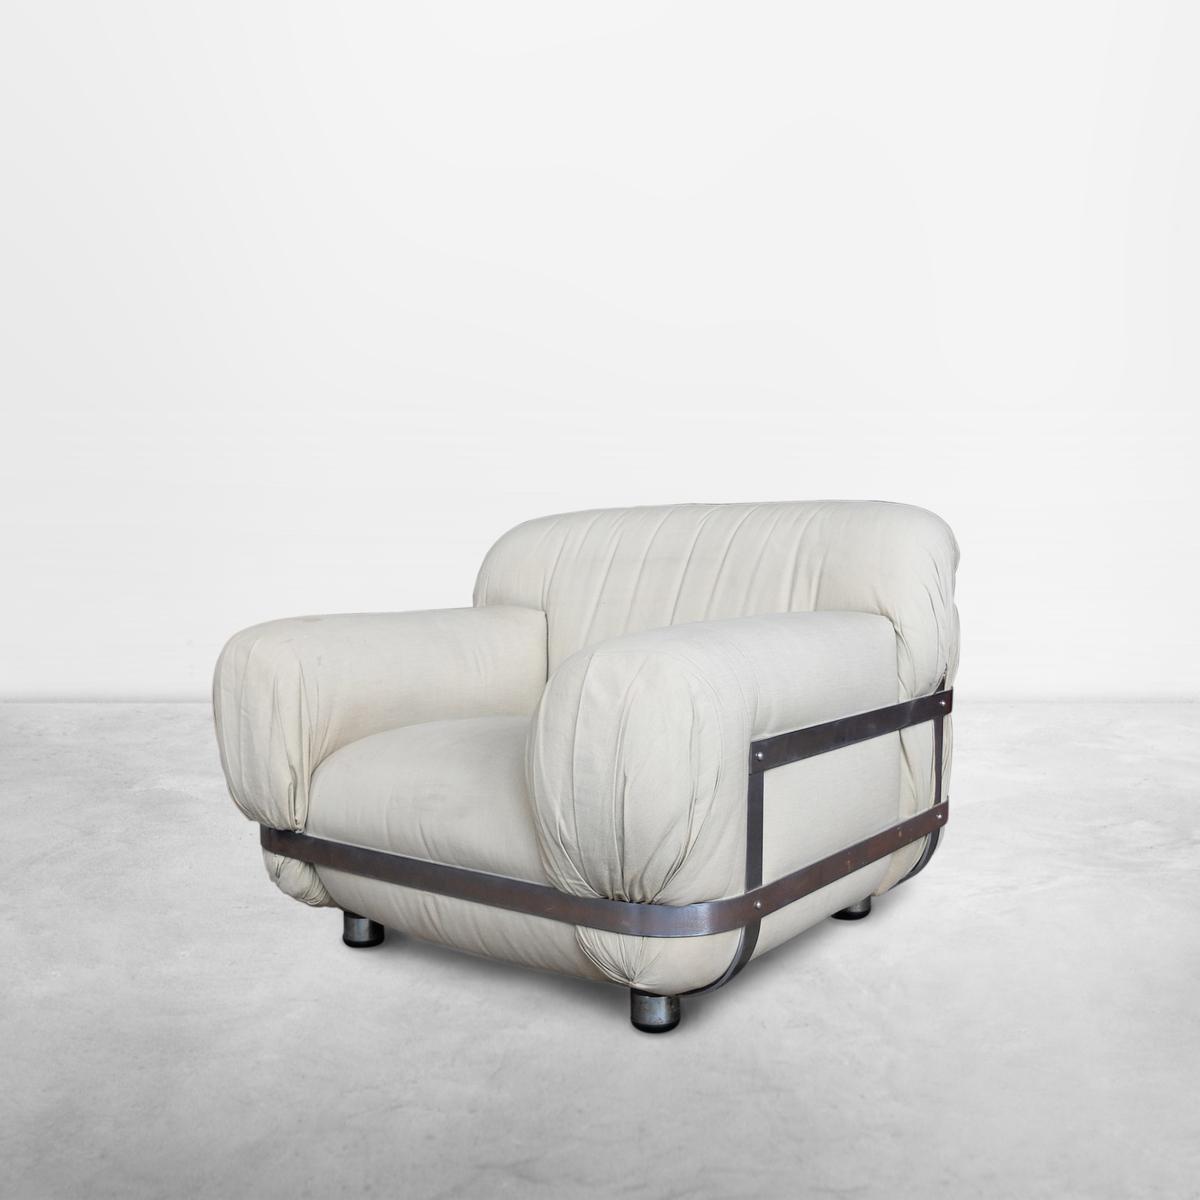 Ico Parisi, Italian Mid-Century Unique Commissioned Armchair in Leather, 1971